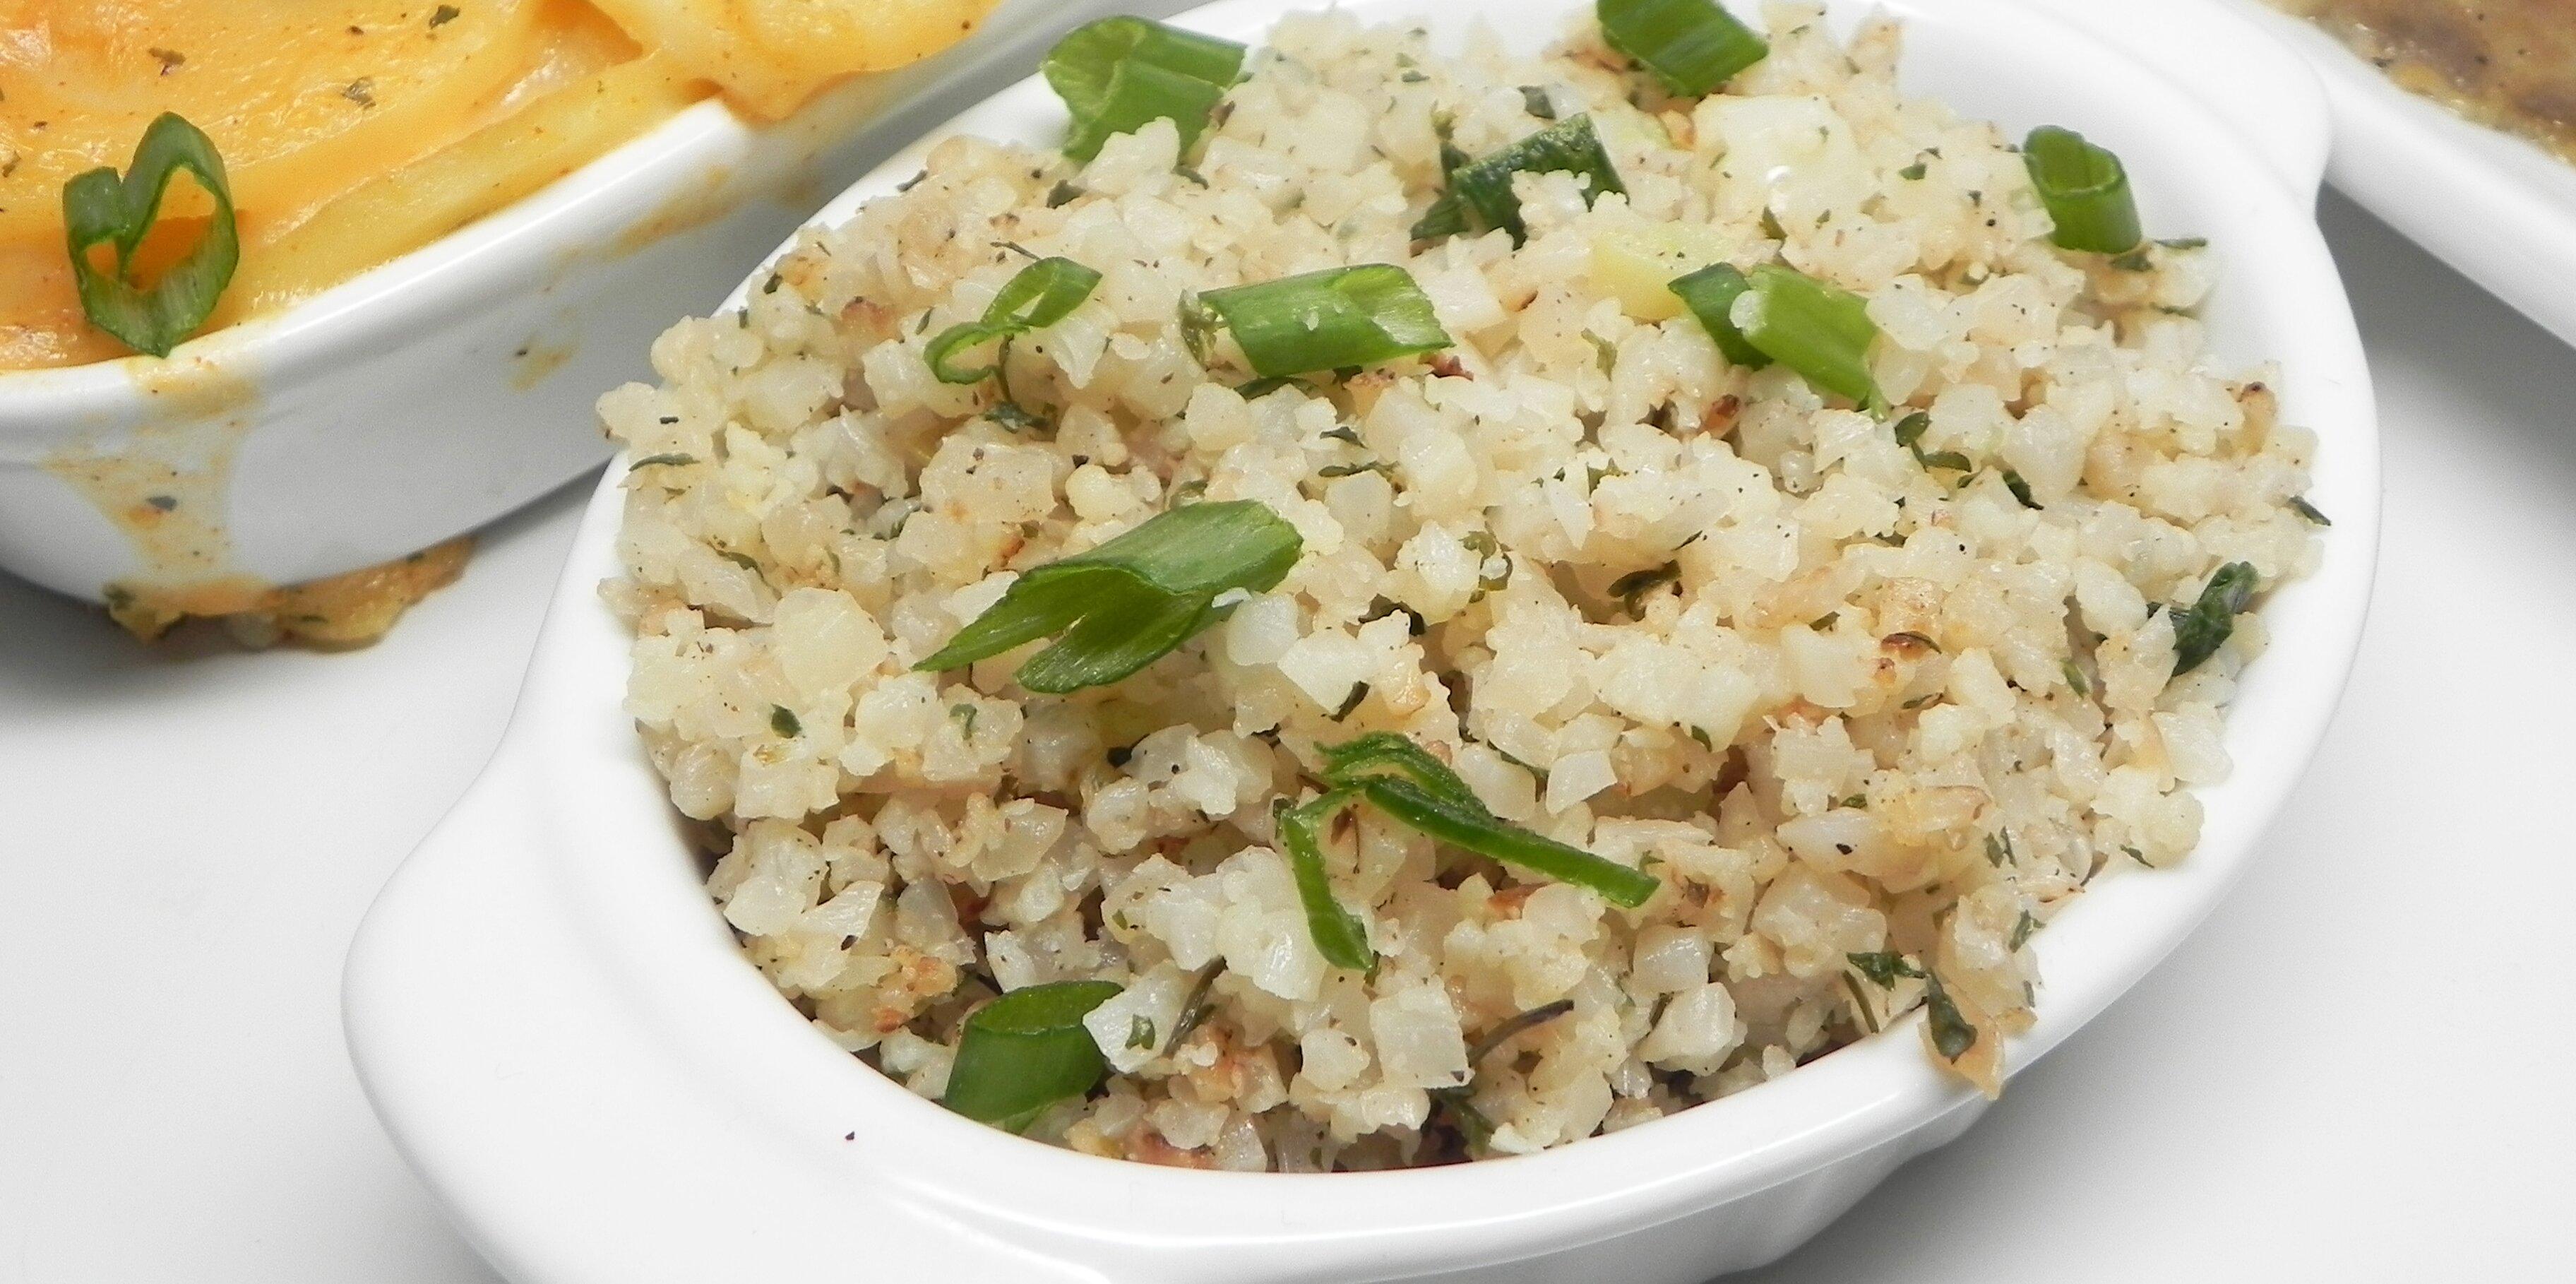 herbed cauliflower rice recipe